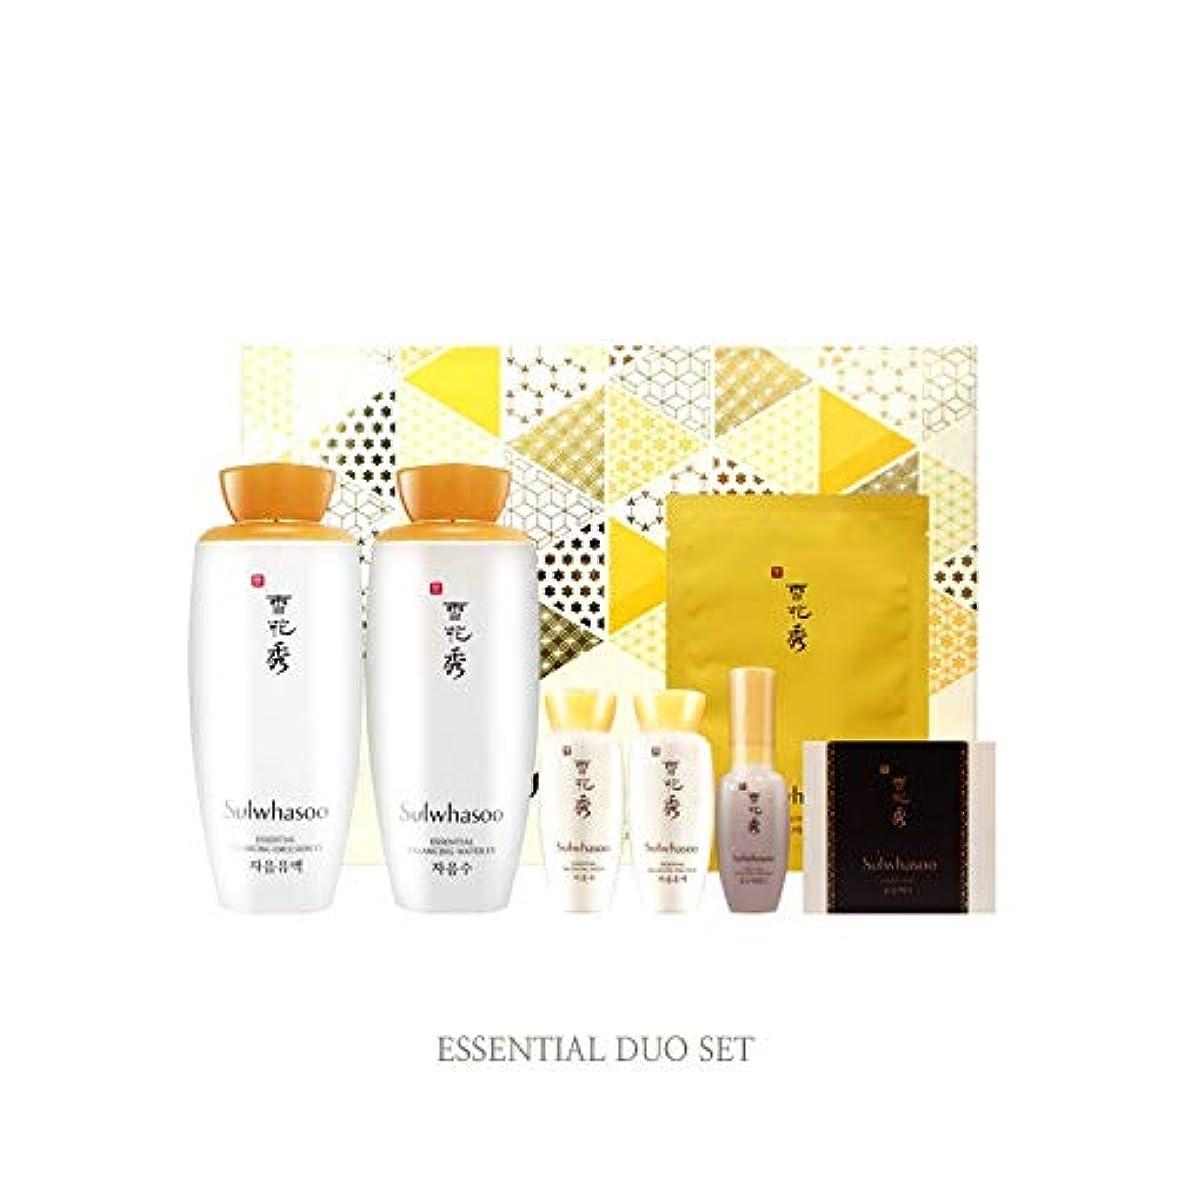 失業者教育患者雪花秀 [ソルファス] 滋陰 (ジャウム) EX 2種 エッセンシャル デュオ セット Sulwhasoo Jaum Essential Duo set (Essential Balancing Toner EX + Emulsion...